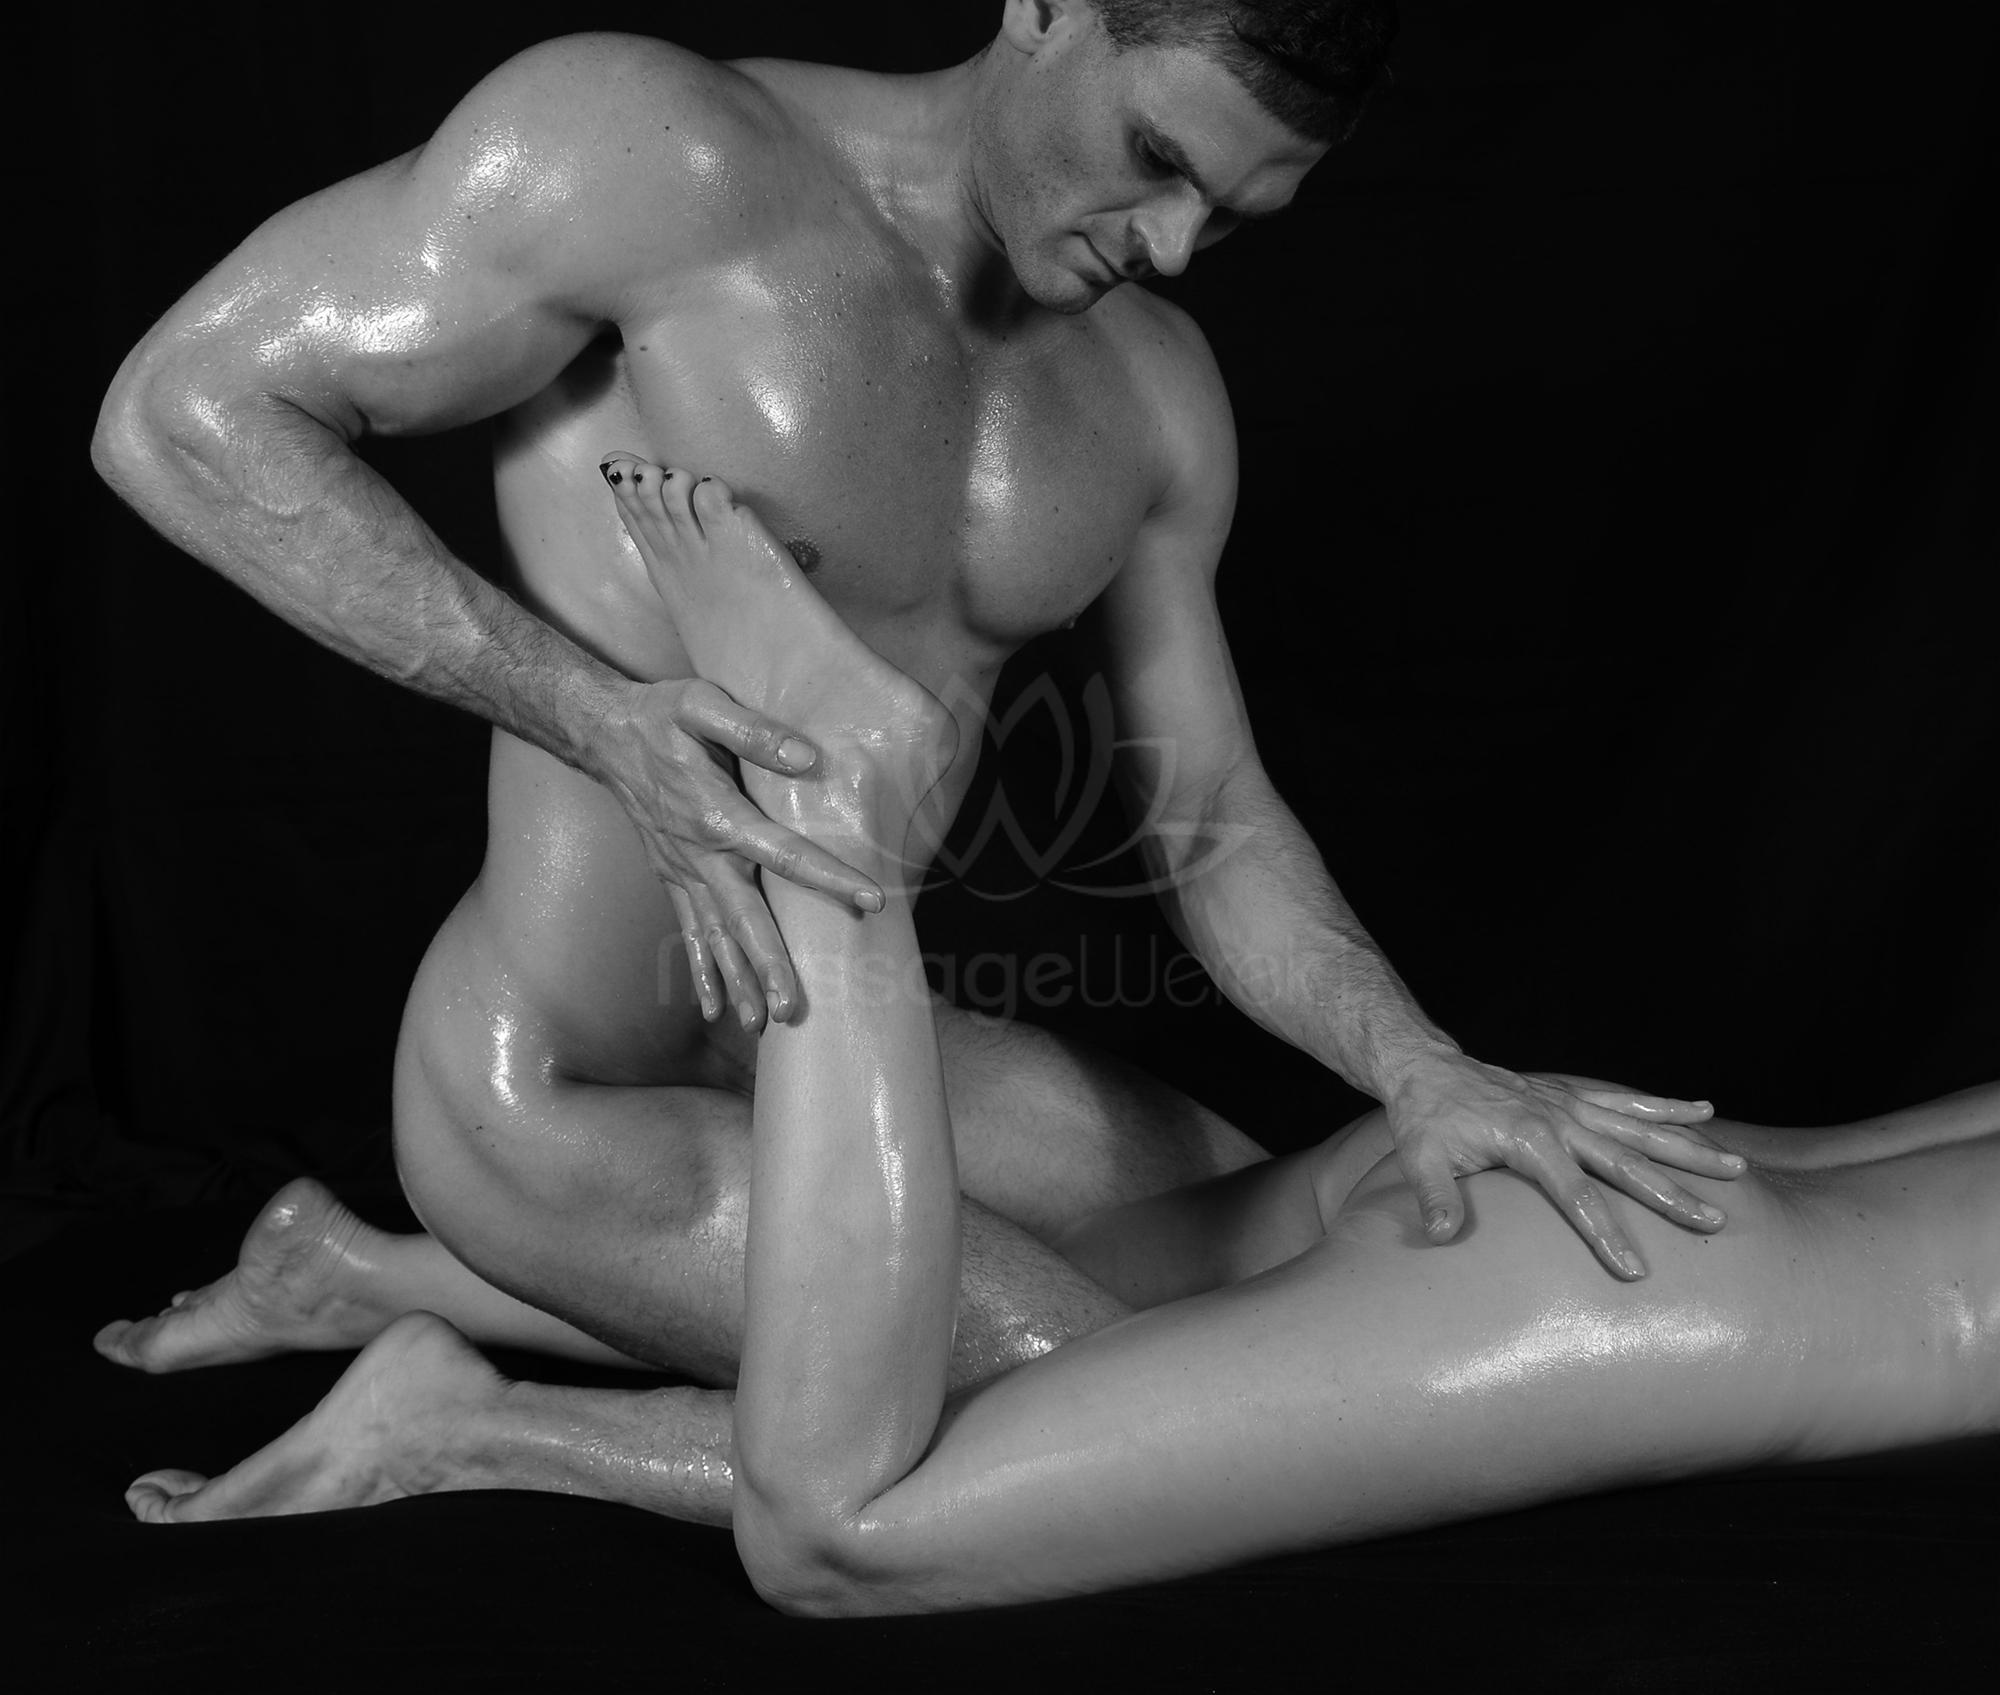 tantra massage heerenveen nijmegen erotic massage